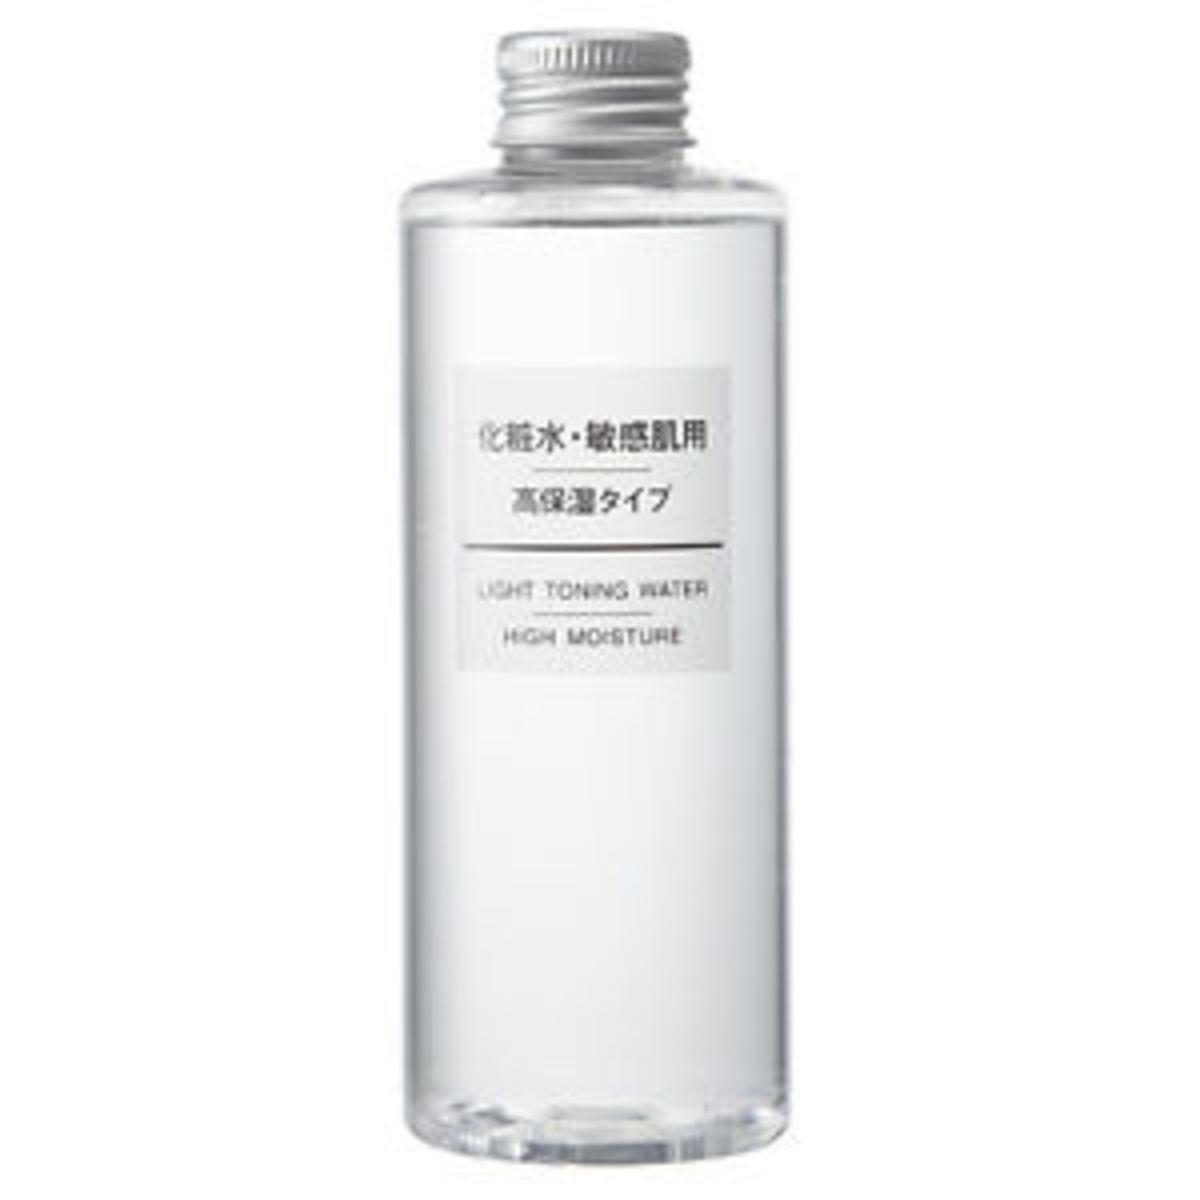 敏感肌用化妝水 (高保濕) 200ml